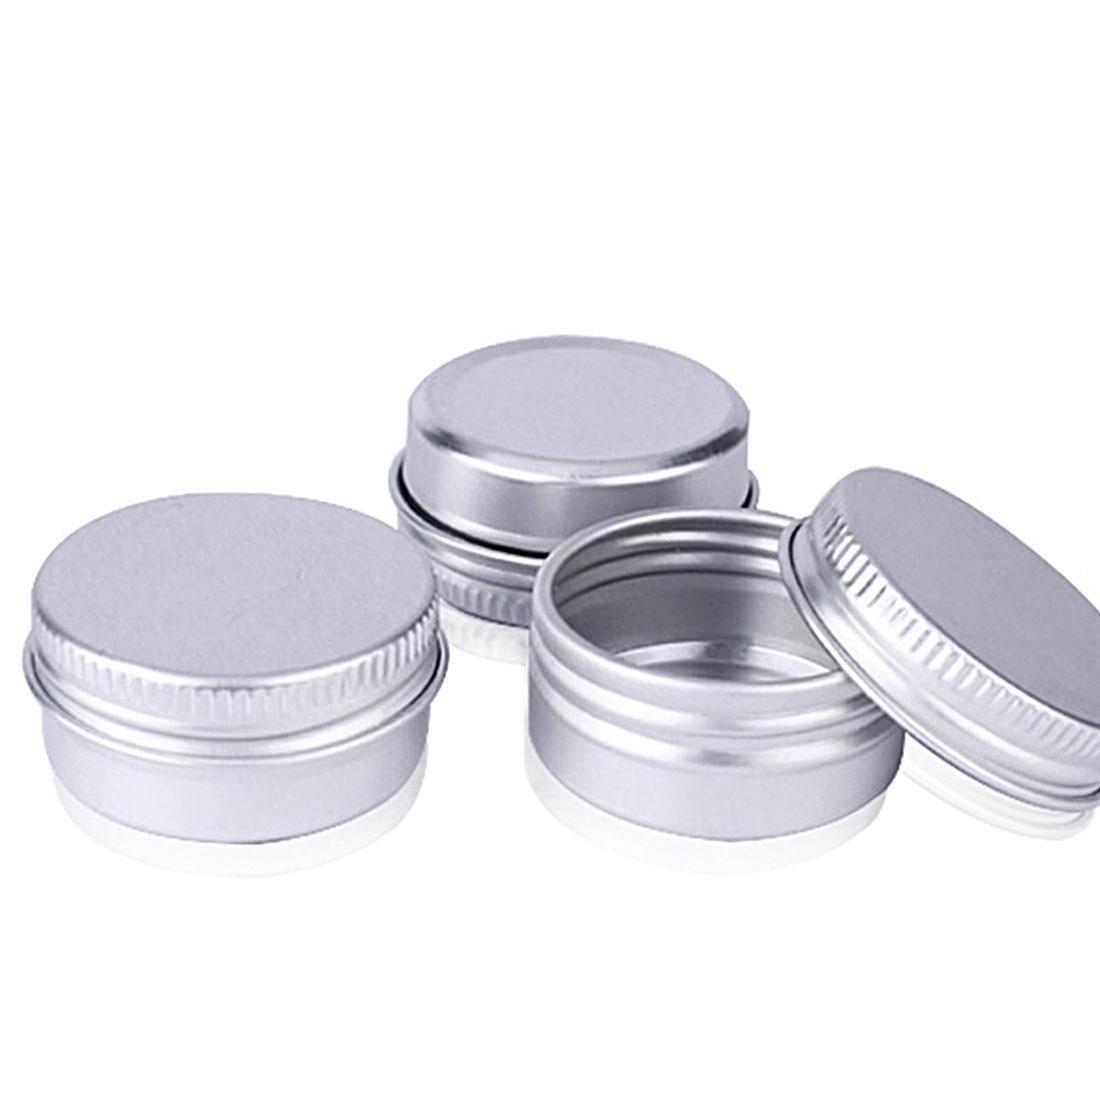 Vazio Lata De Creme De Alumínio Jar Cosméticos Lip Balm Recipientes Prego Derocation Artesanato Pote Garrafa de Rosca